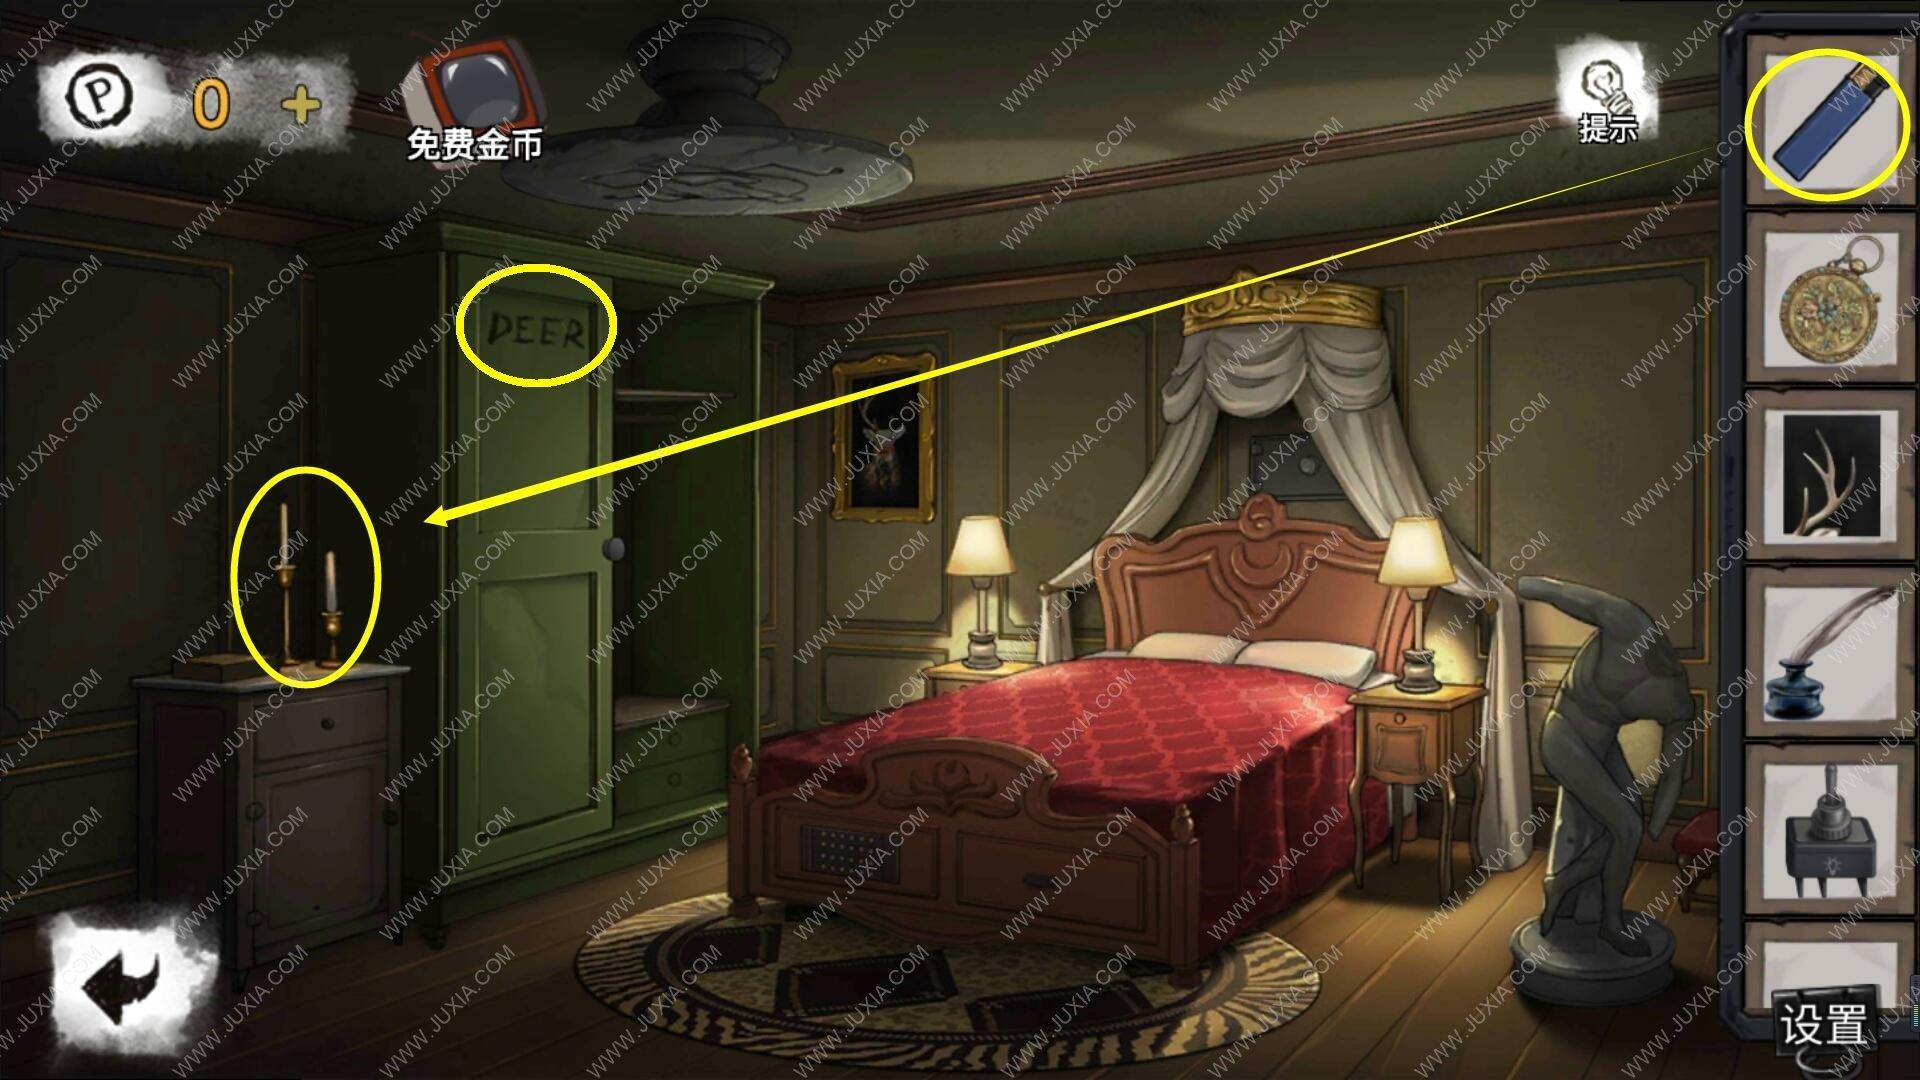 无人医院第六章麦克攻略2 床尾谜题灯怎么连